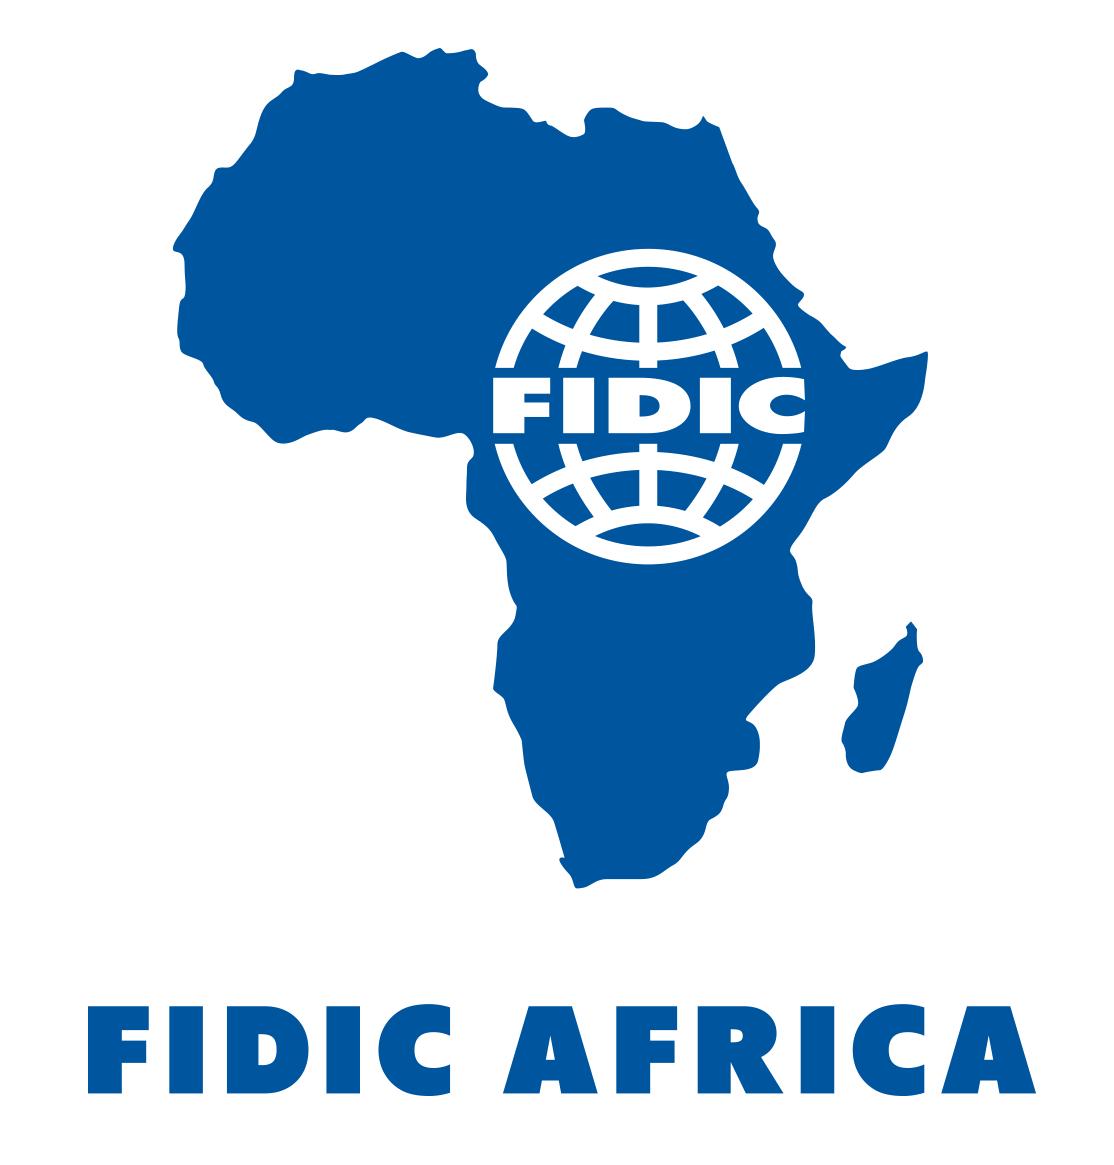 FIDIC Africa